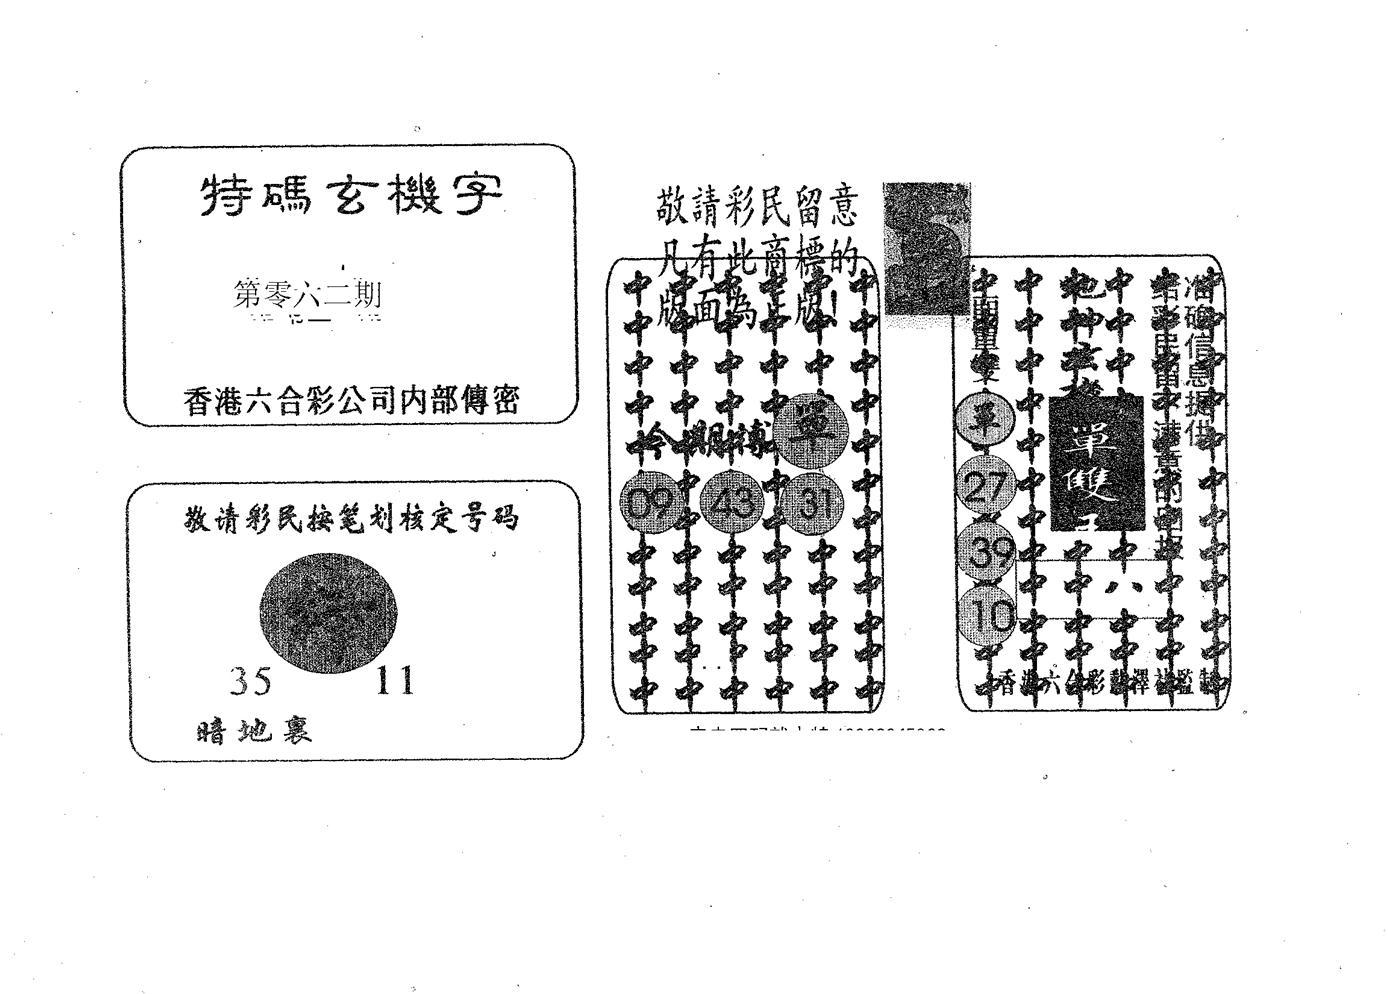 062期特码玄机字(黑白)